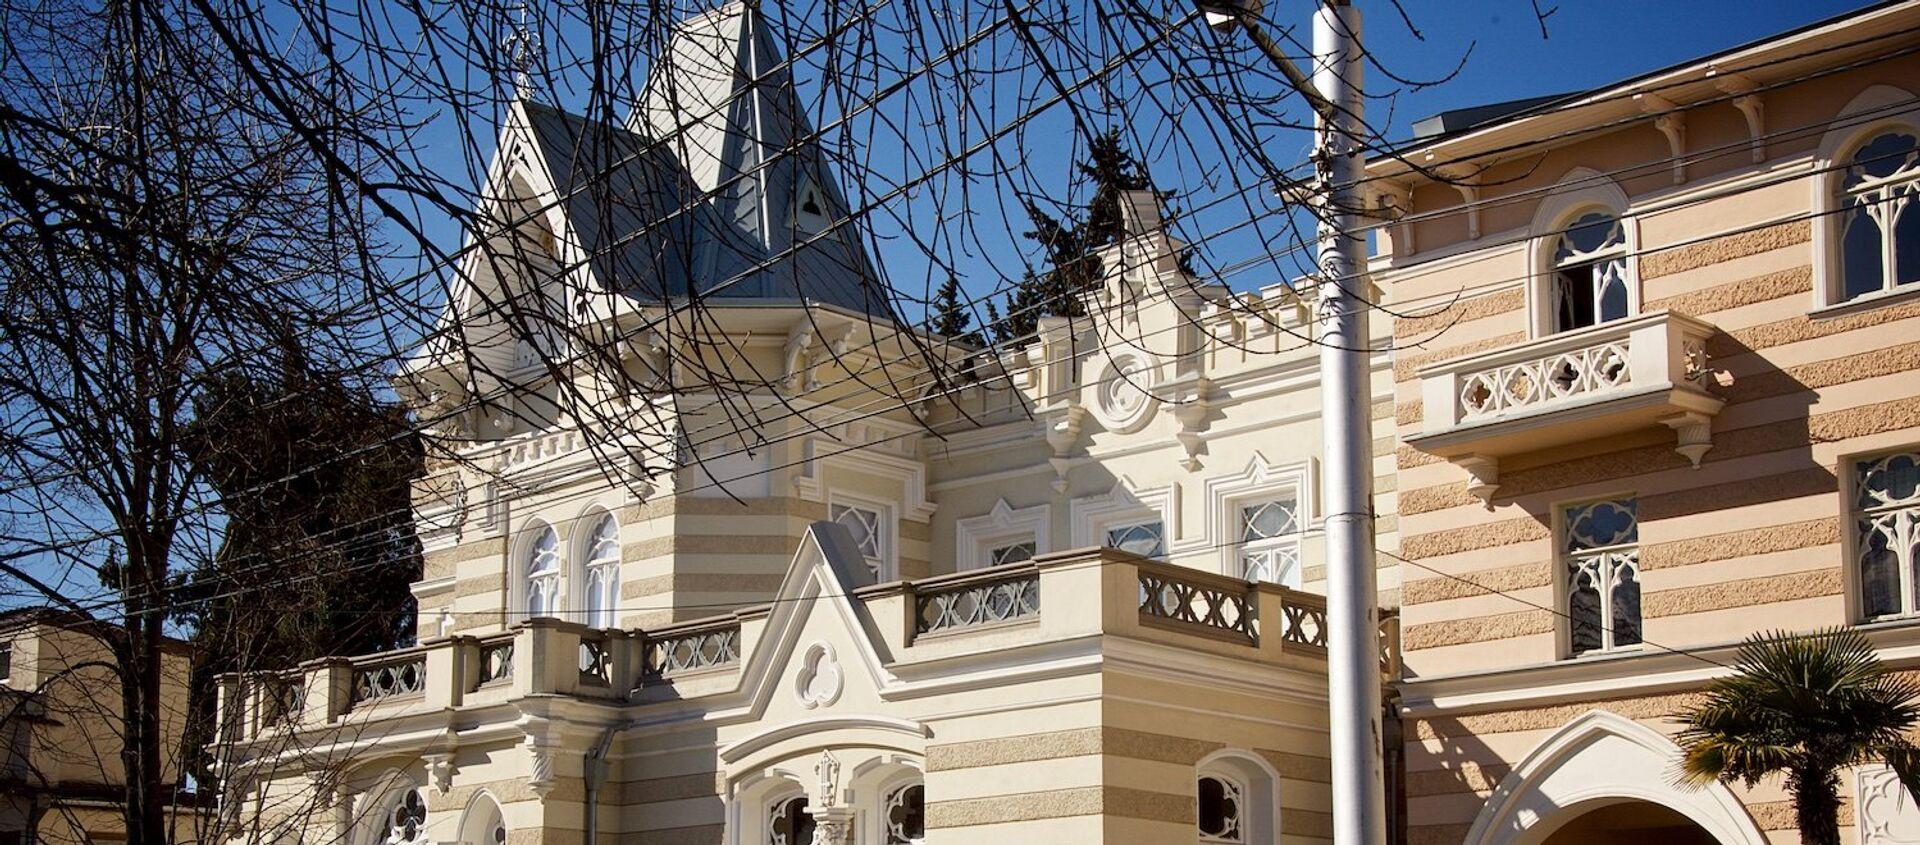 ხელოვნების სასახლე Art Palace - Sputnik საქართველო, 1920, 23.04.2021